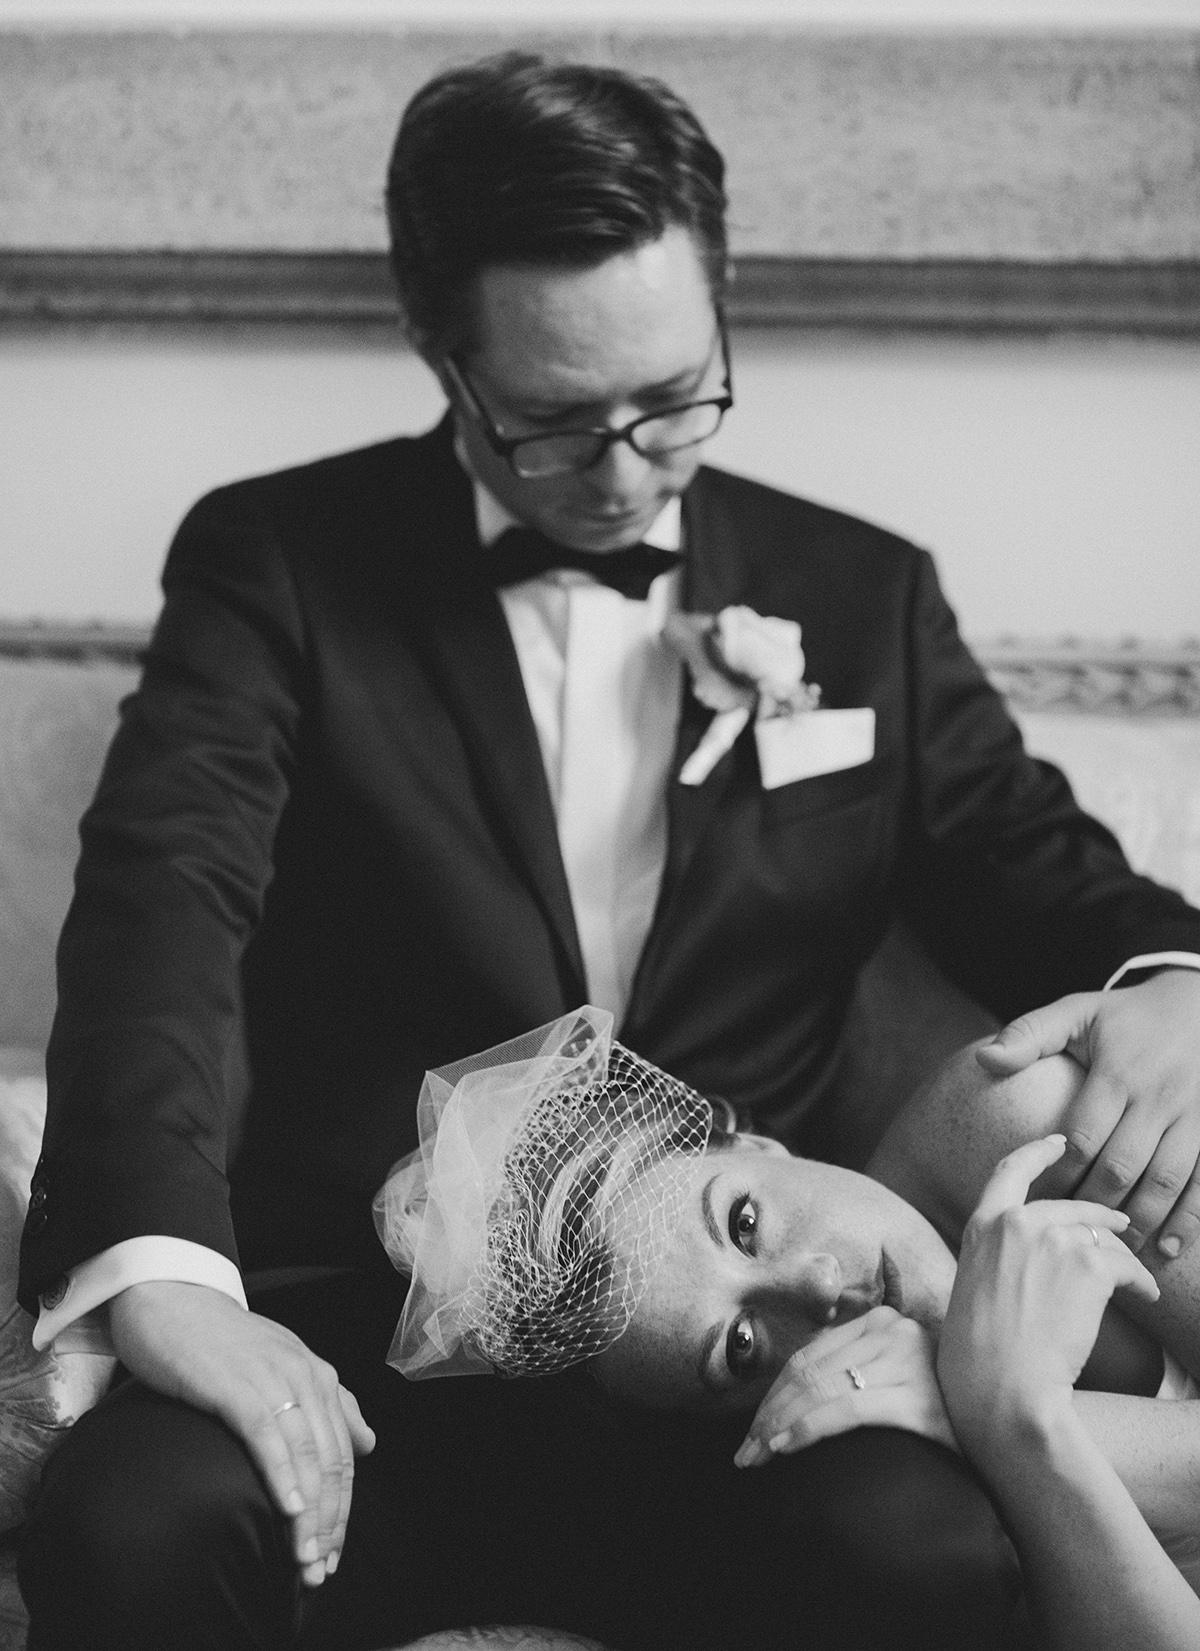 Brautpaarfoto bei Vintage-Hochzeit aufgenommen von professioneller Hochzeitsfotografin Schloss Herzfelde Uckermark © Hochzeitsfotograf Berlin www.hochzeitslicht.de